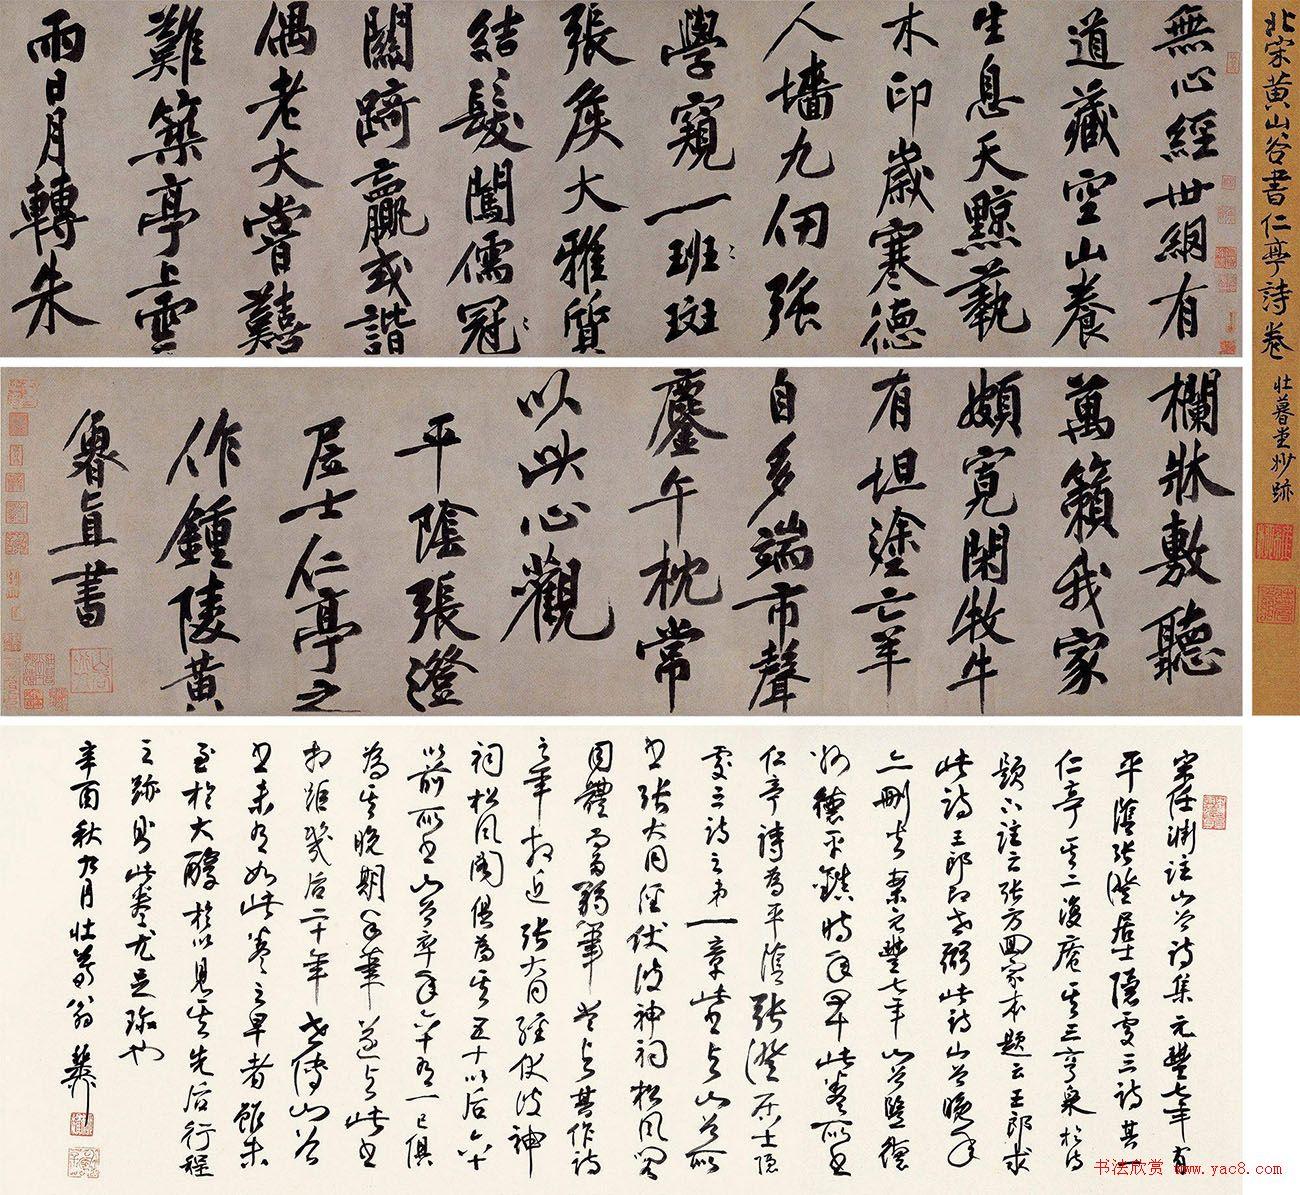 黄庭坚行楷大字书法《仁亭诗卷》